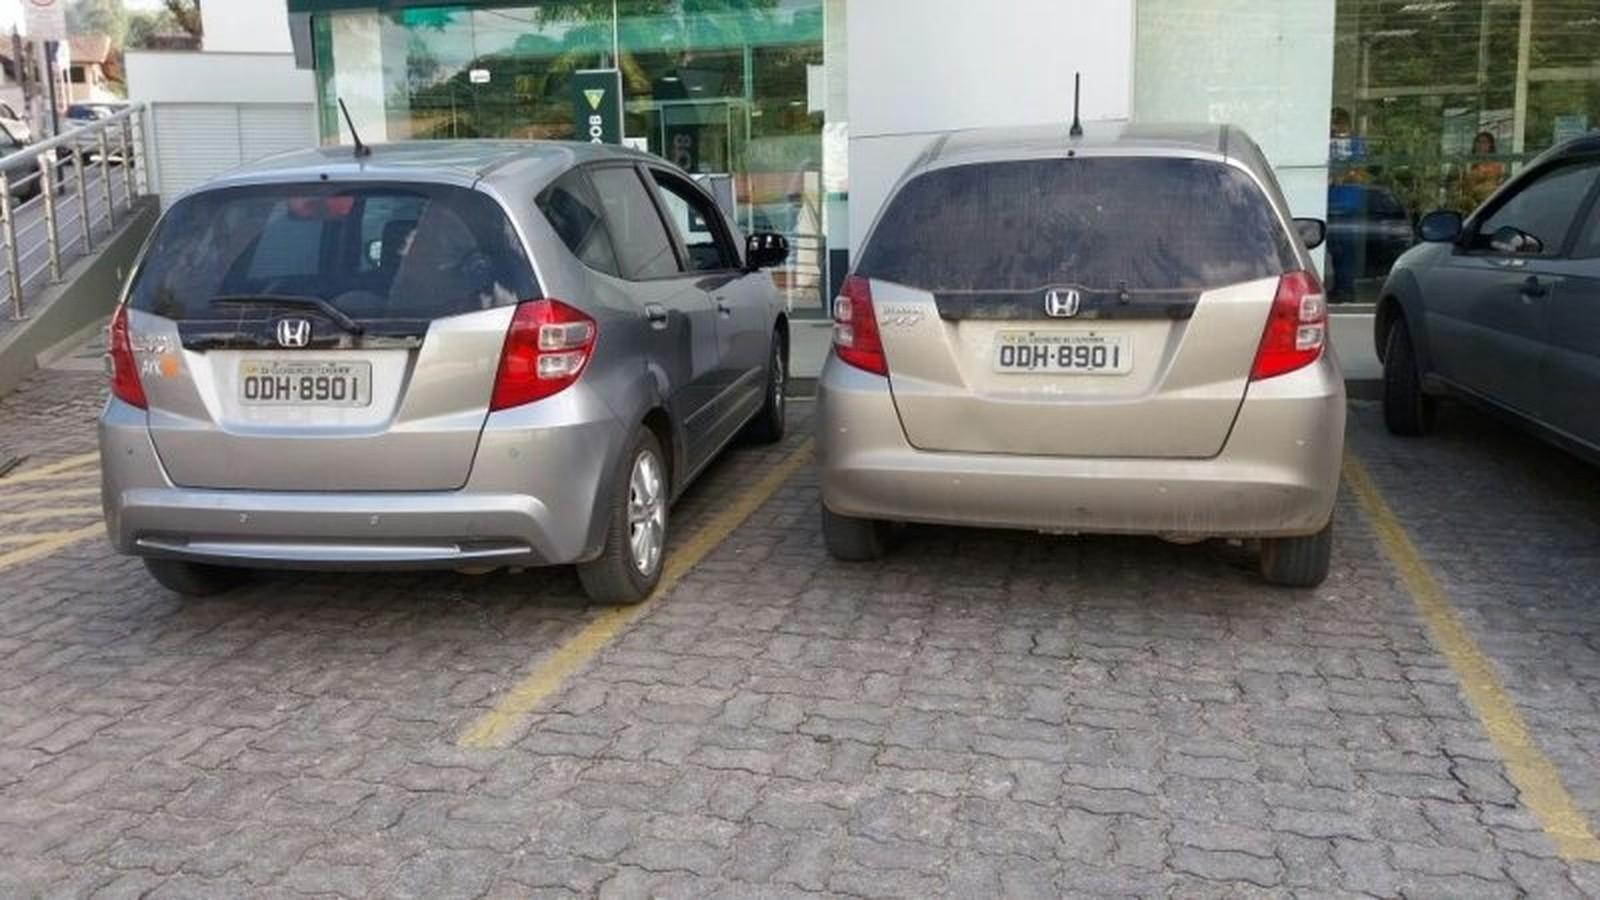 Motorista descobre carro clonado na vaga ao lado